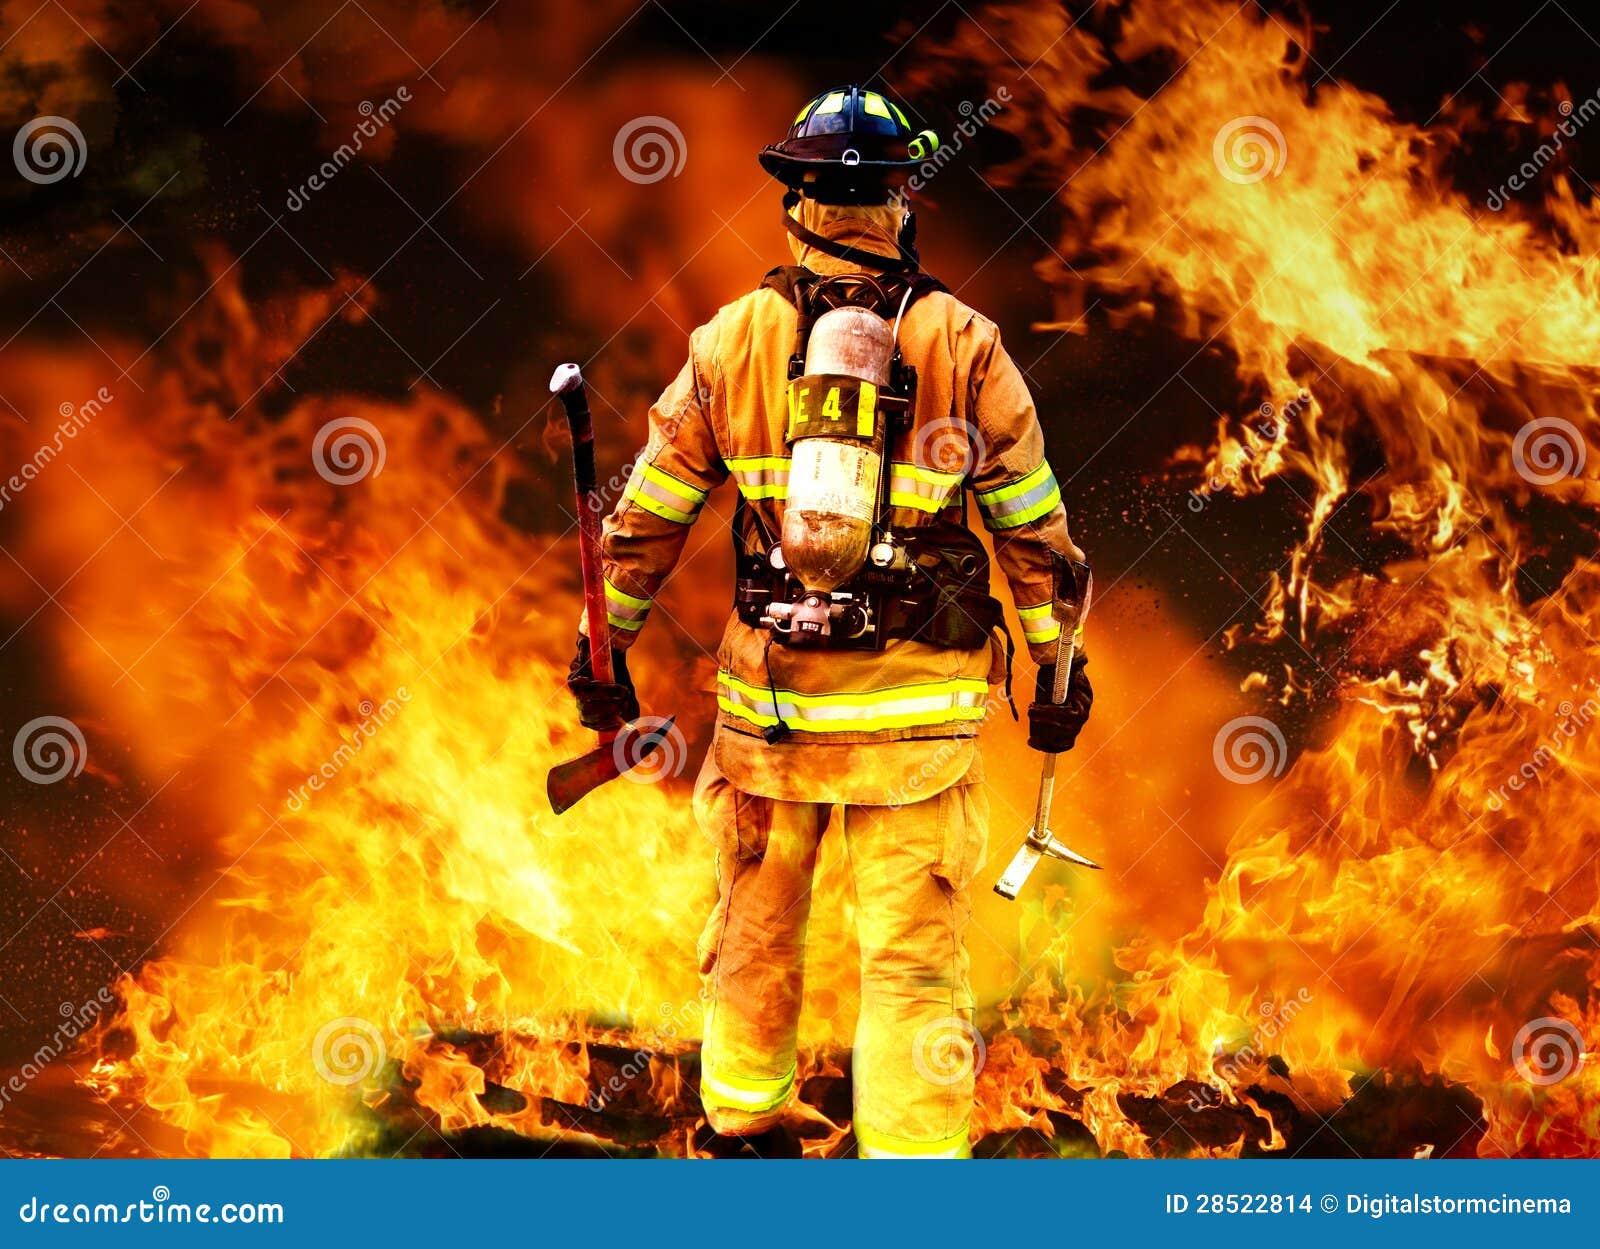 Ao incêndio